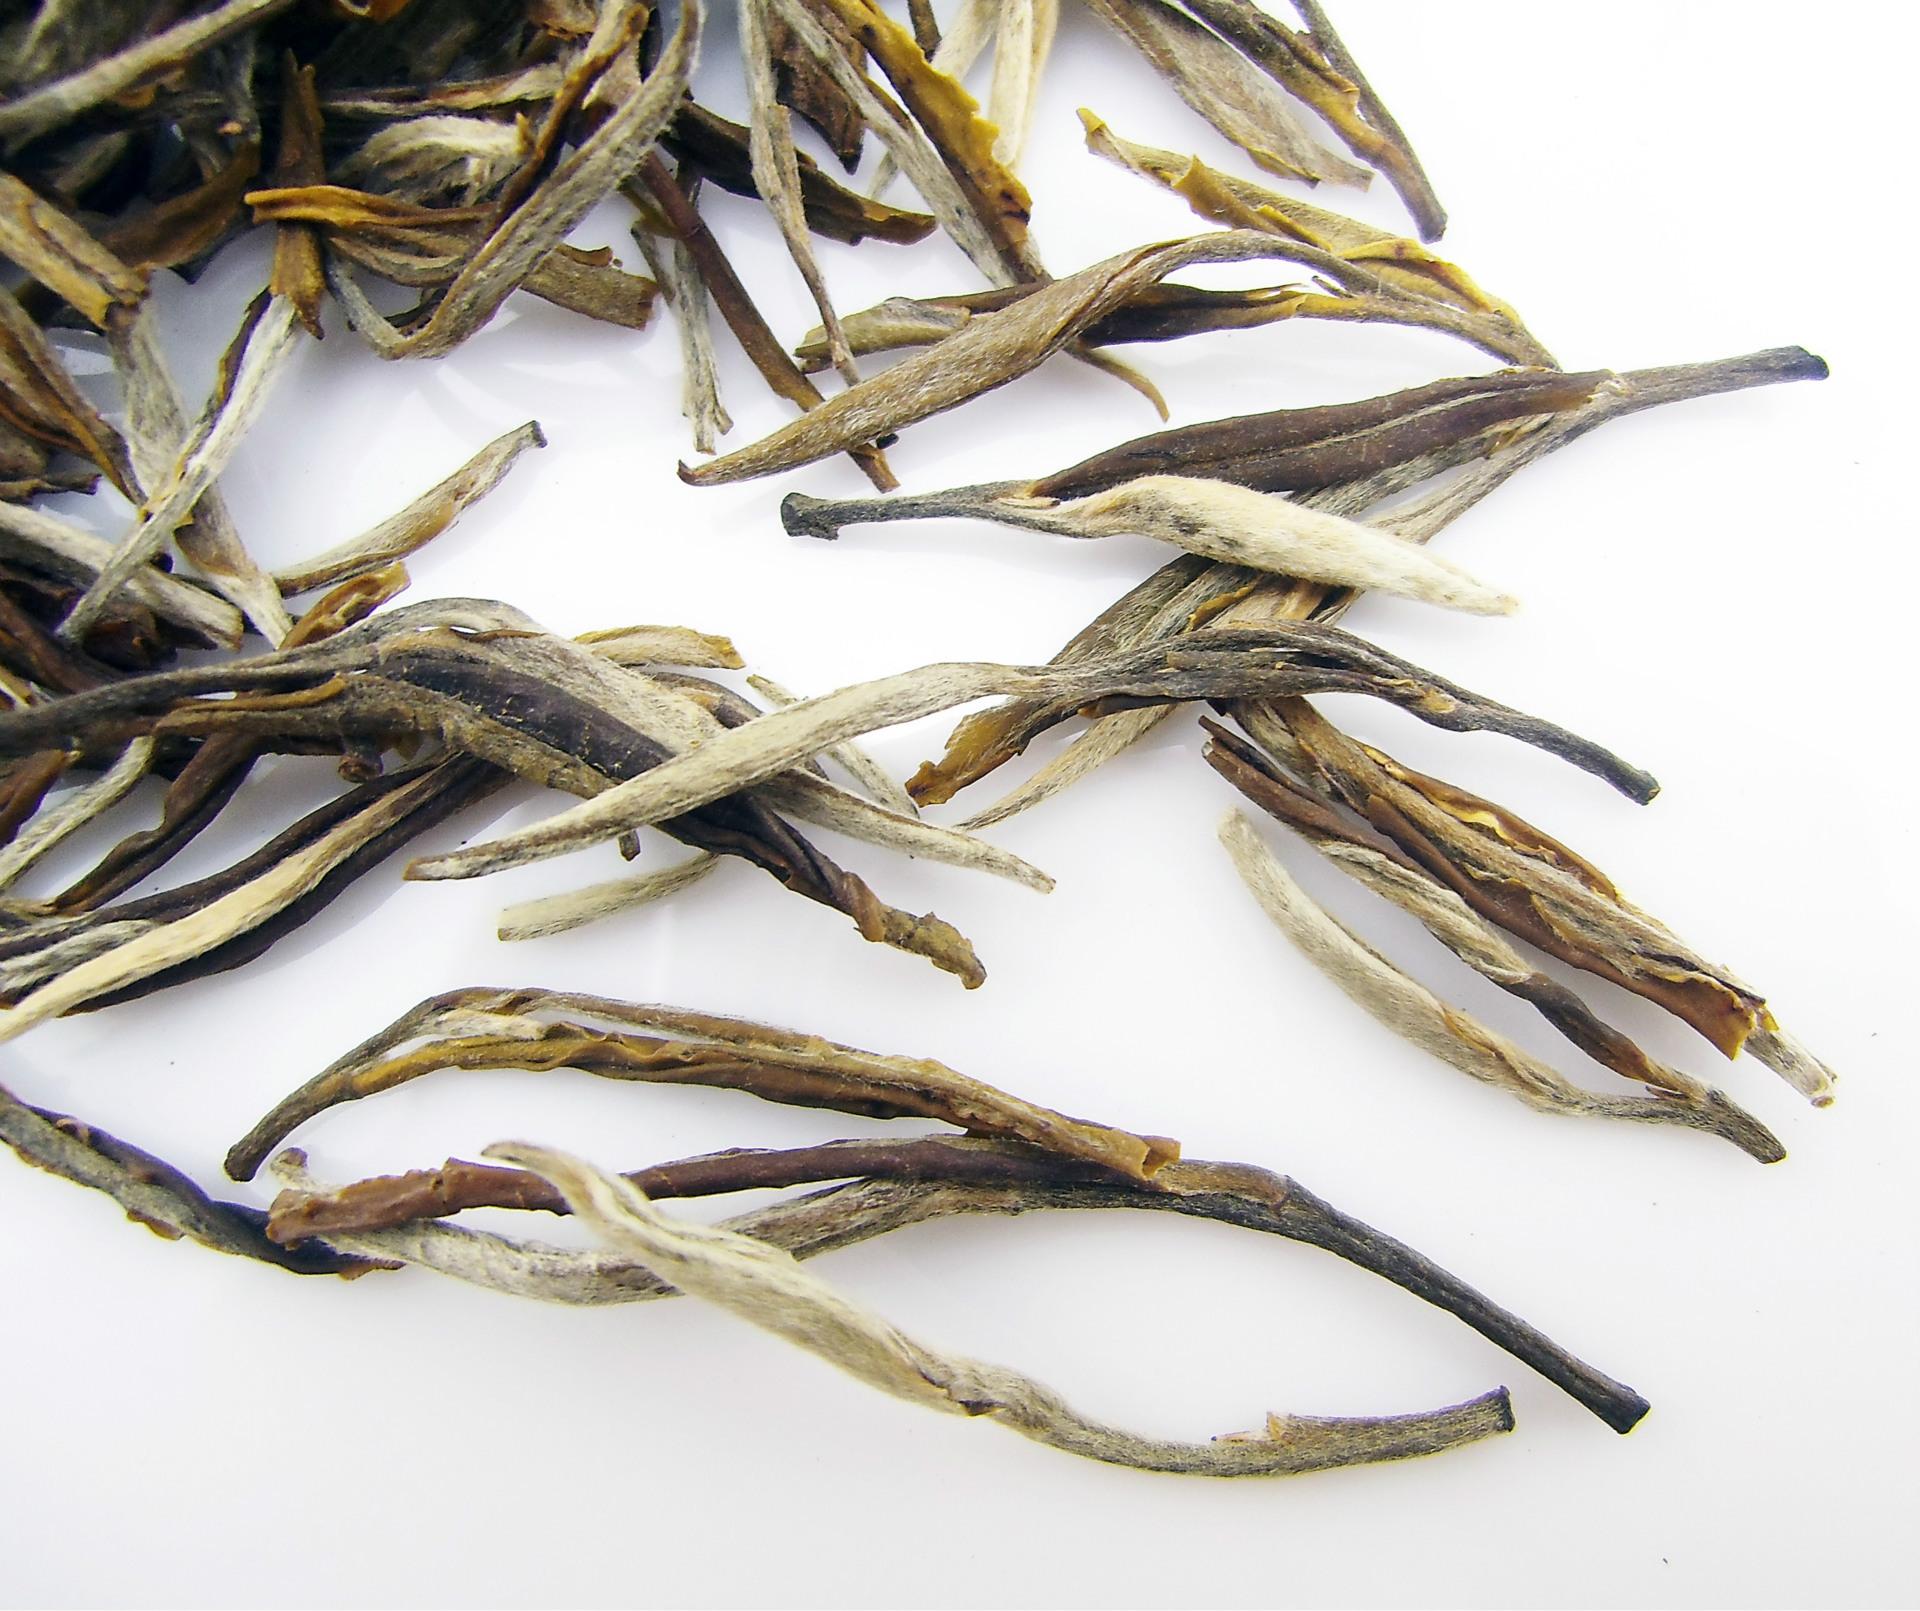 广西横县茉莉花茶批发 茶叶厂家 茉莉花茶 浓香茉莉 凤尾针图片